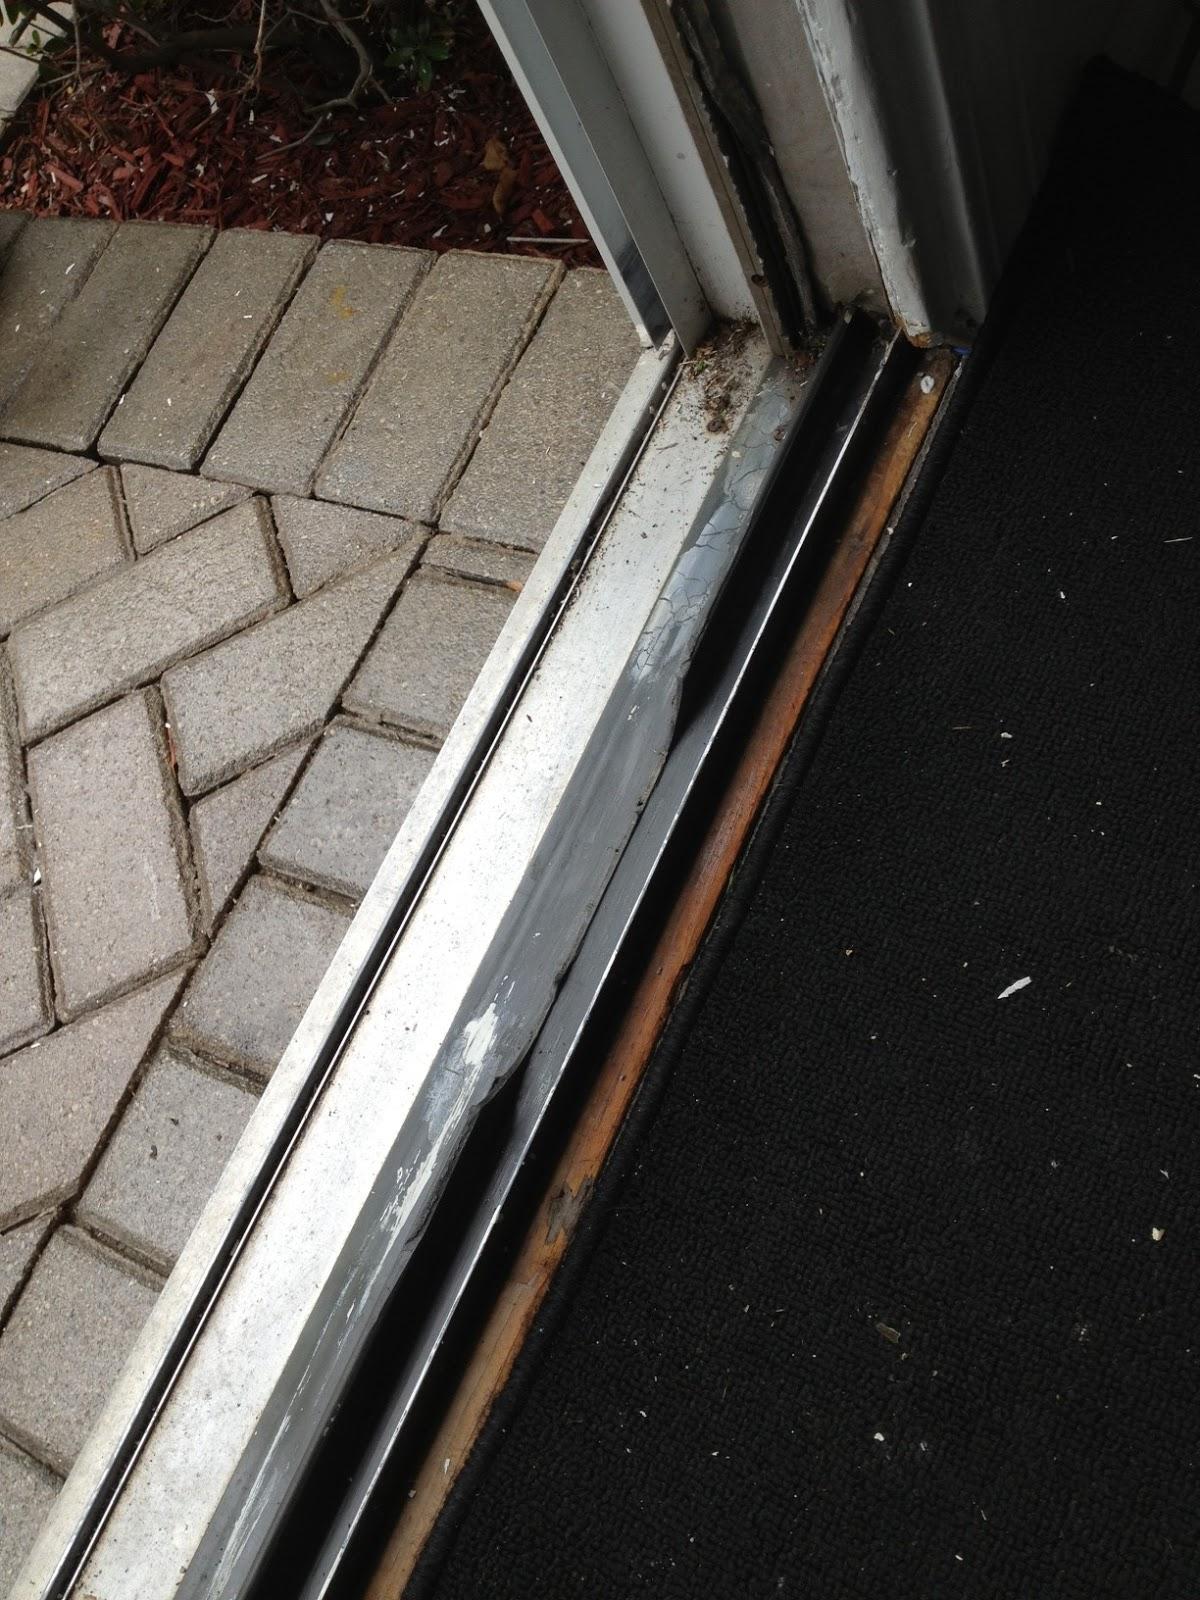 Sliding Patio Doors Repair Of Plastic Door Track